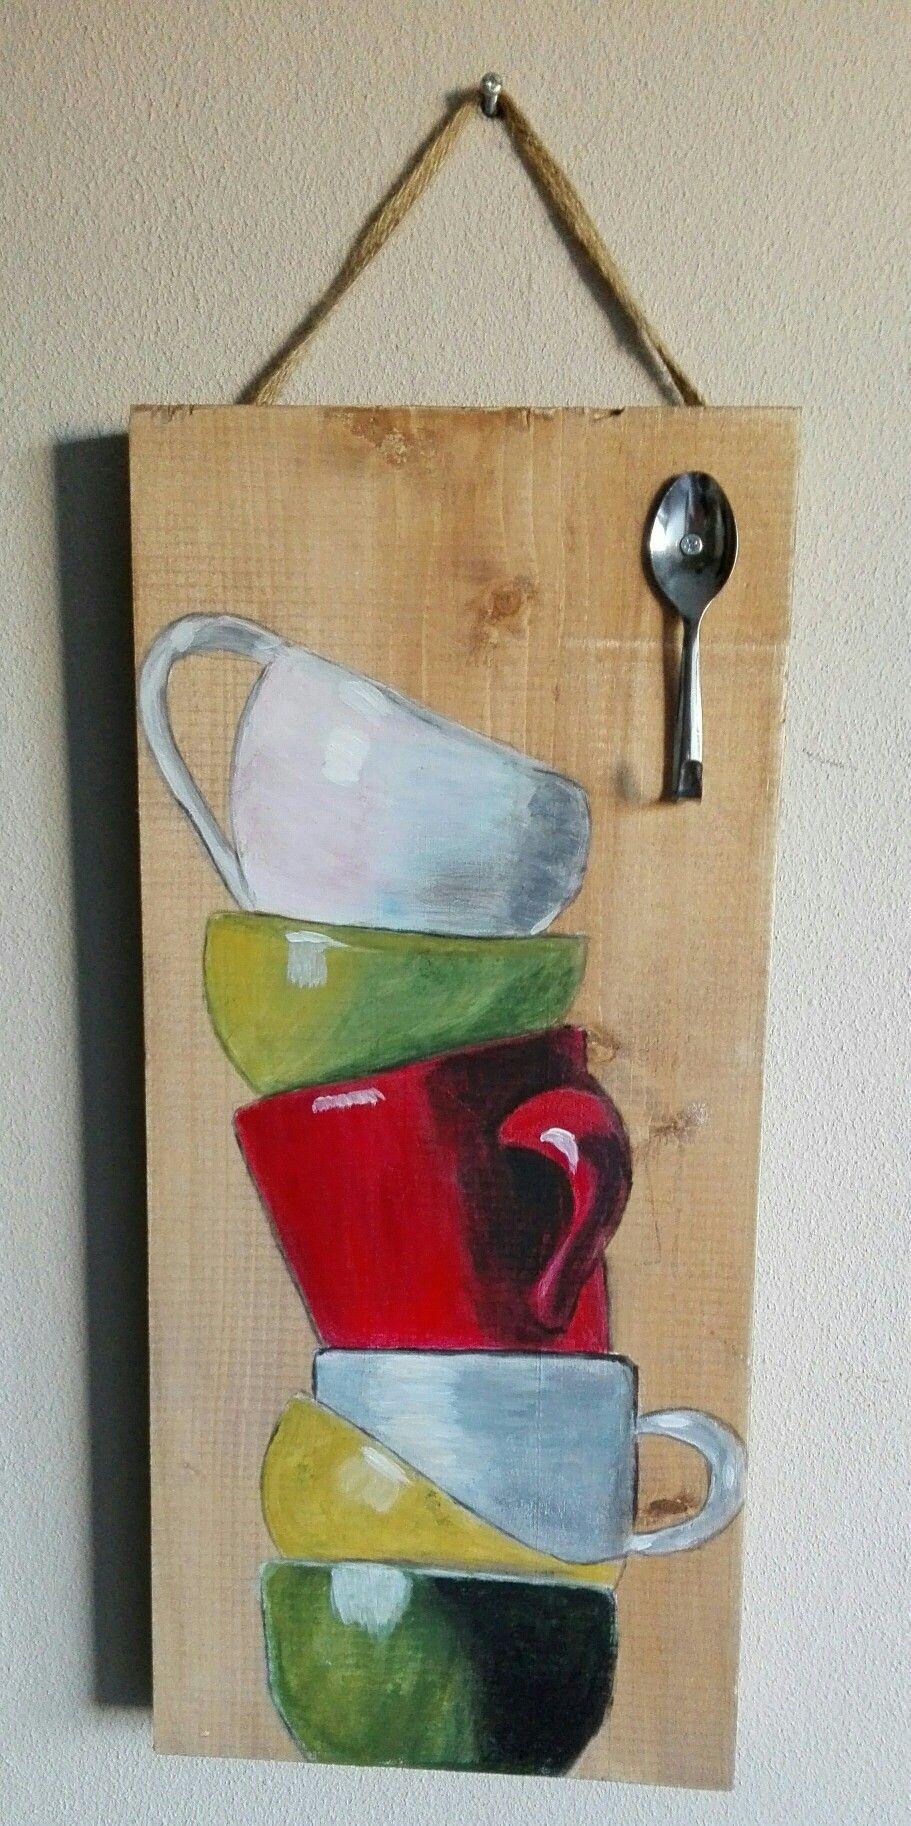 Muur Plank Voor Schilderijen.Plank Voor In De Keuken Met Een Lepeltje Als Haakje Schilderijen